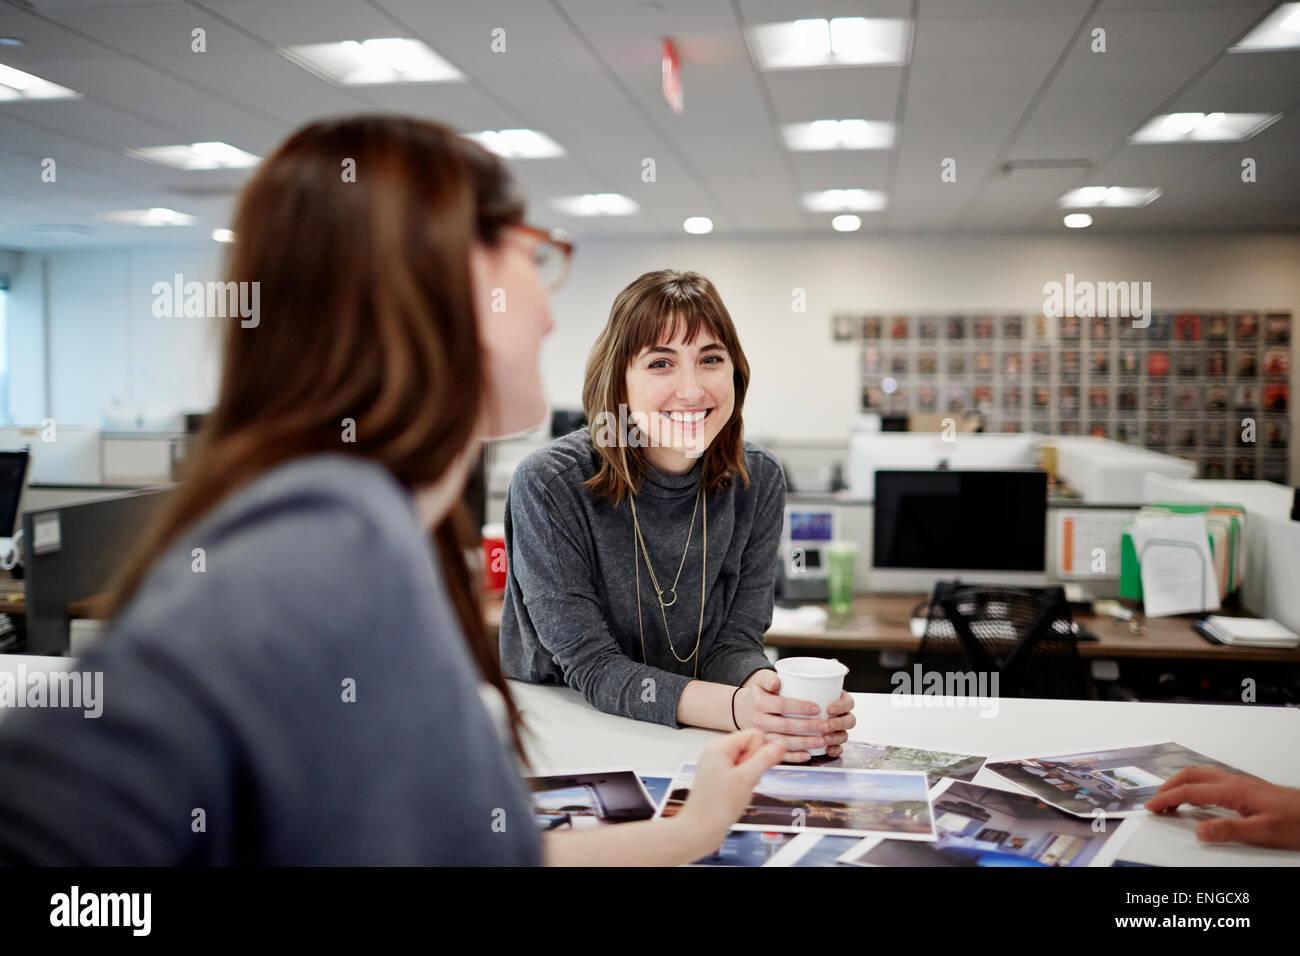 Dos mujeres sentadas en una oficina hablando y riéndose. Imagen De Stock